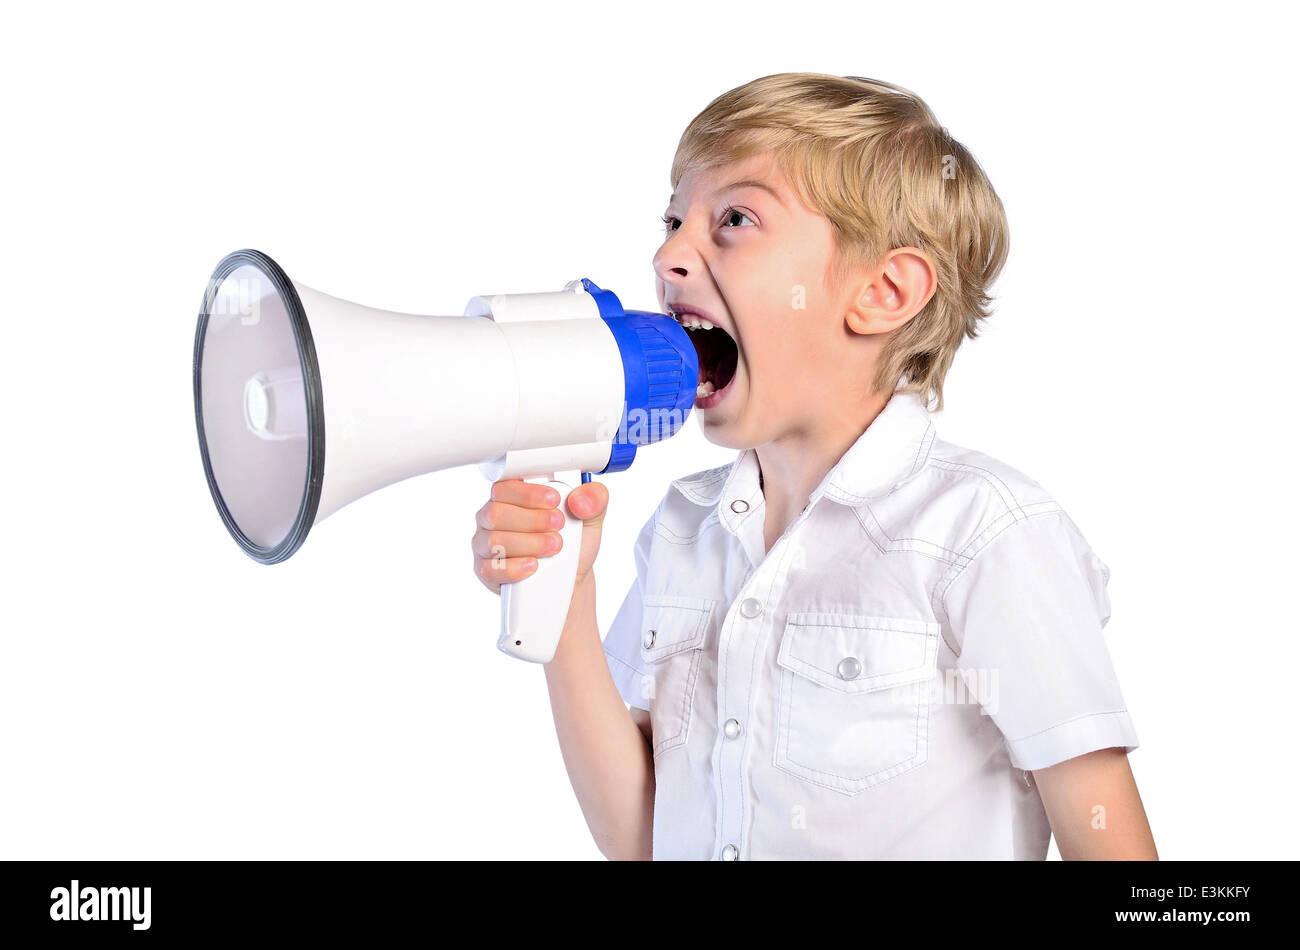 Aggression Verstärker Wut wütend verkünden Hintergrund bizarre junge Kind kommunizieren Konzept Demonstration Stockbild